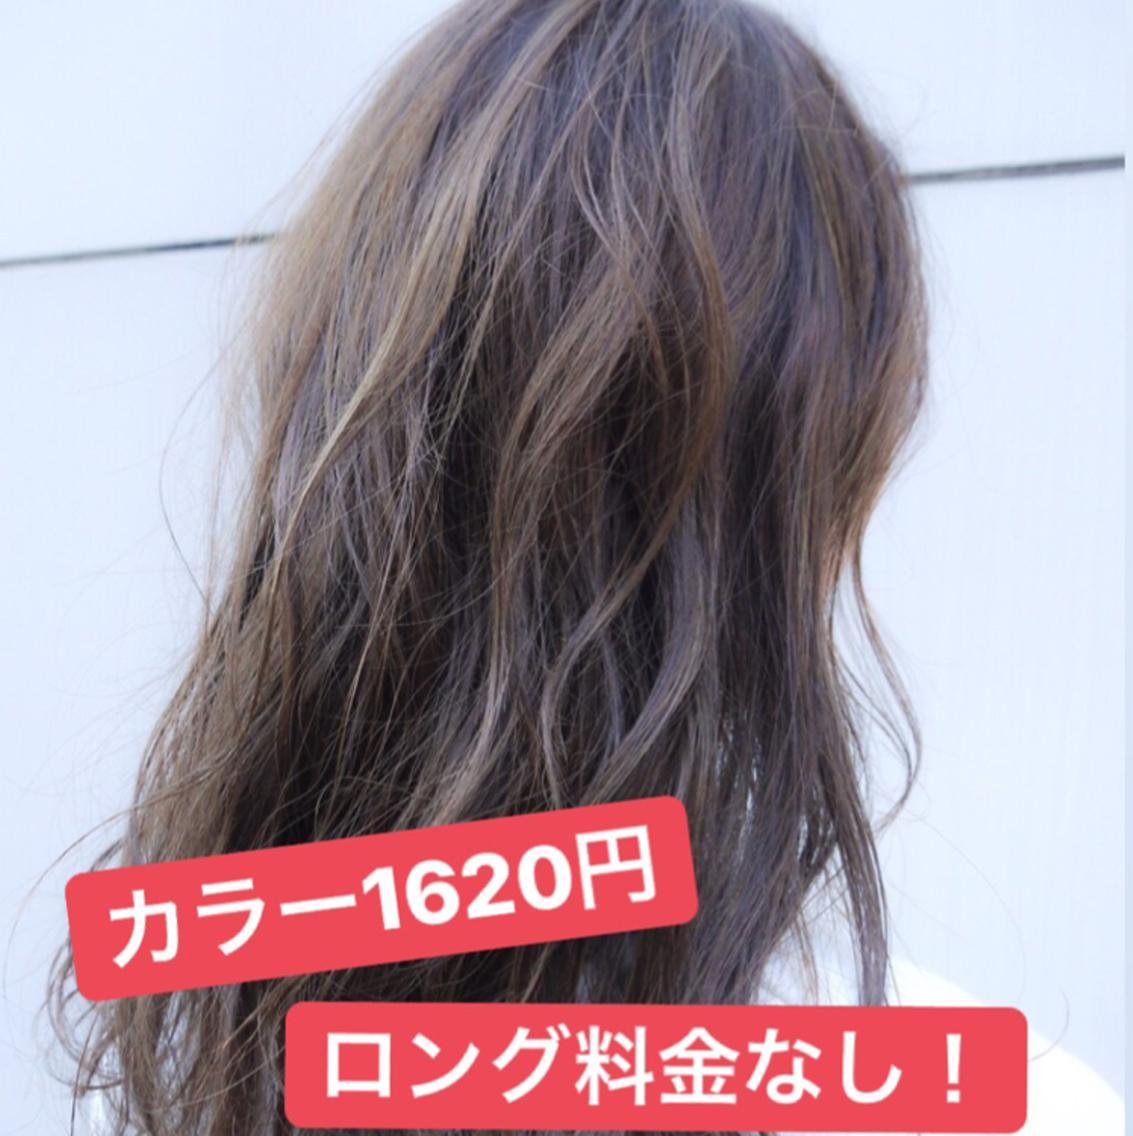 《相鉄線 いずみ中央駅徒歩3分》⭐️カラー、白髪染め、黒染め ⭐️1620円で施術します!平日18時、18時半、土日18時半から!ロング料金なしでご案内してます!!